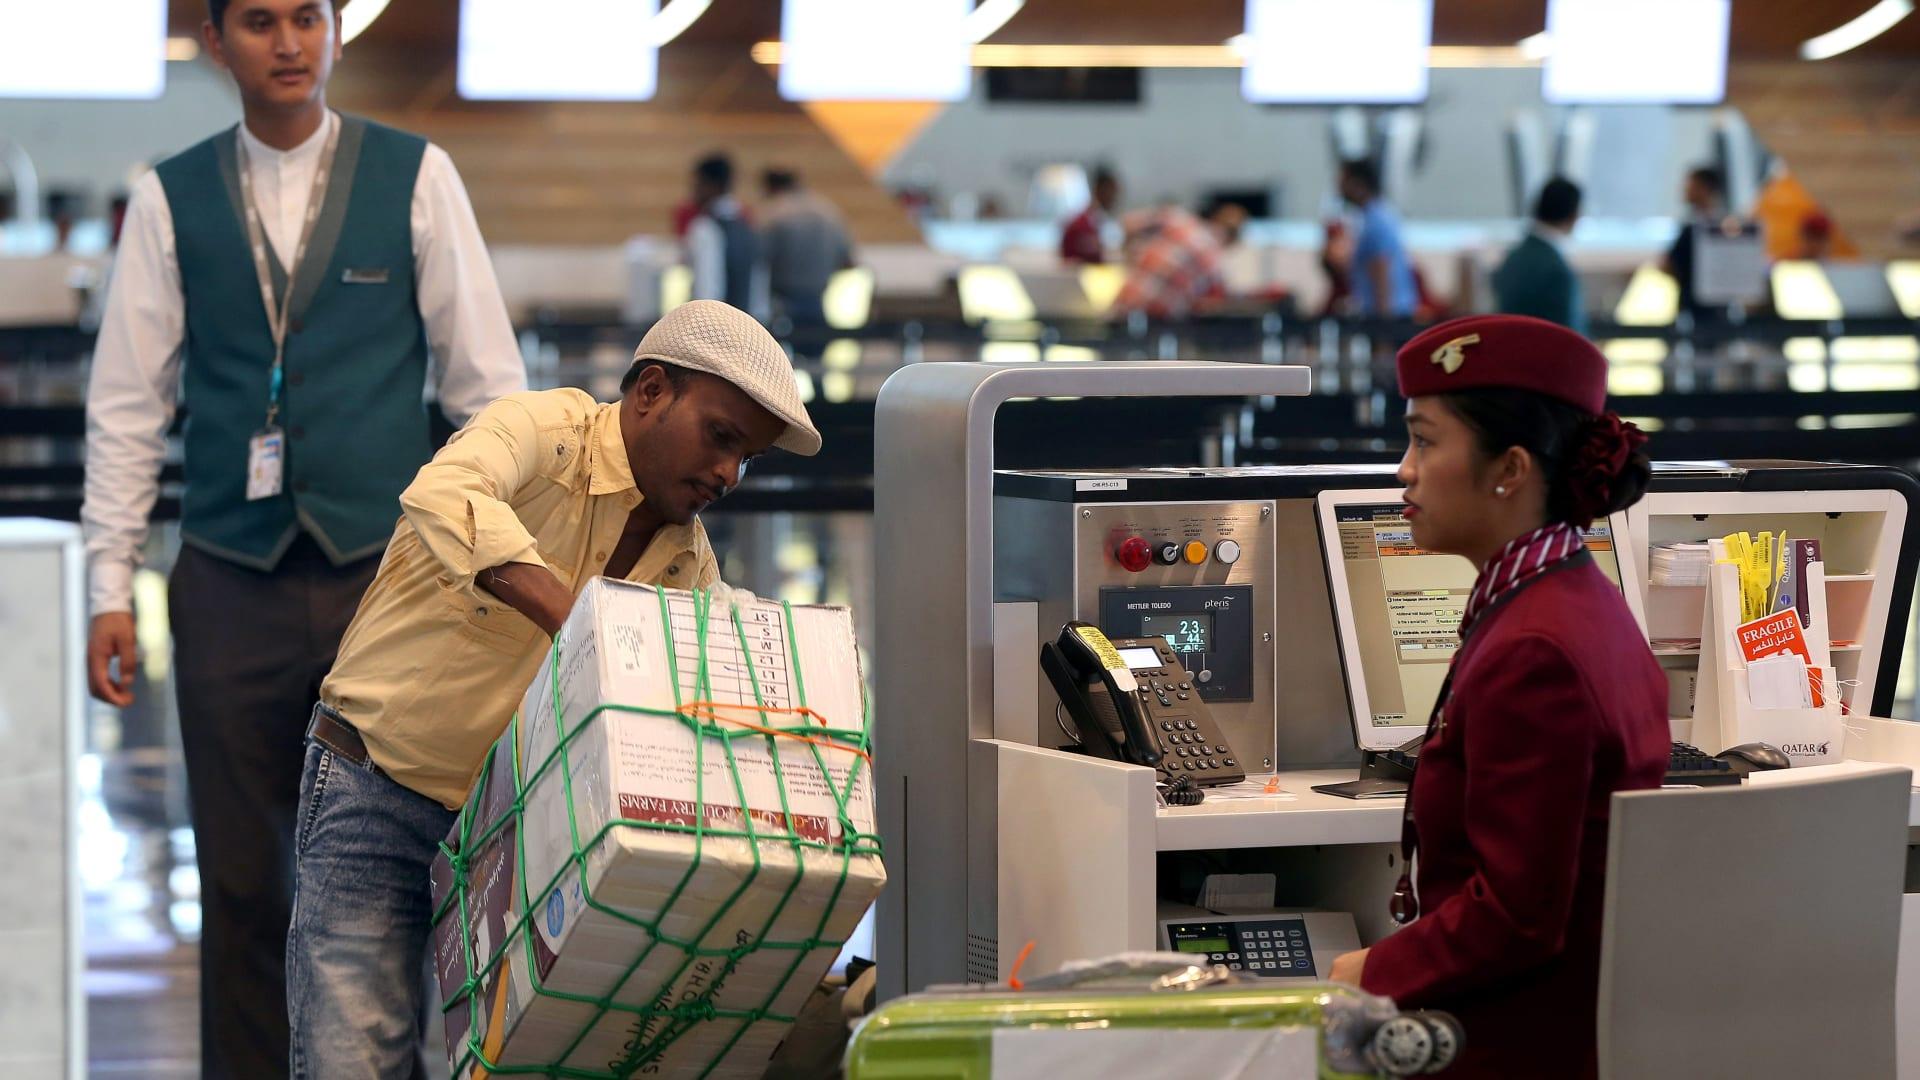 وزير خارجية قطر: كورونا لن يؤثر على أسواقنا على المدى الطويل